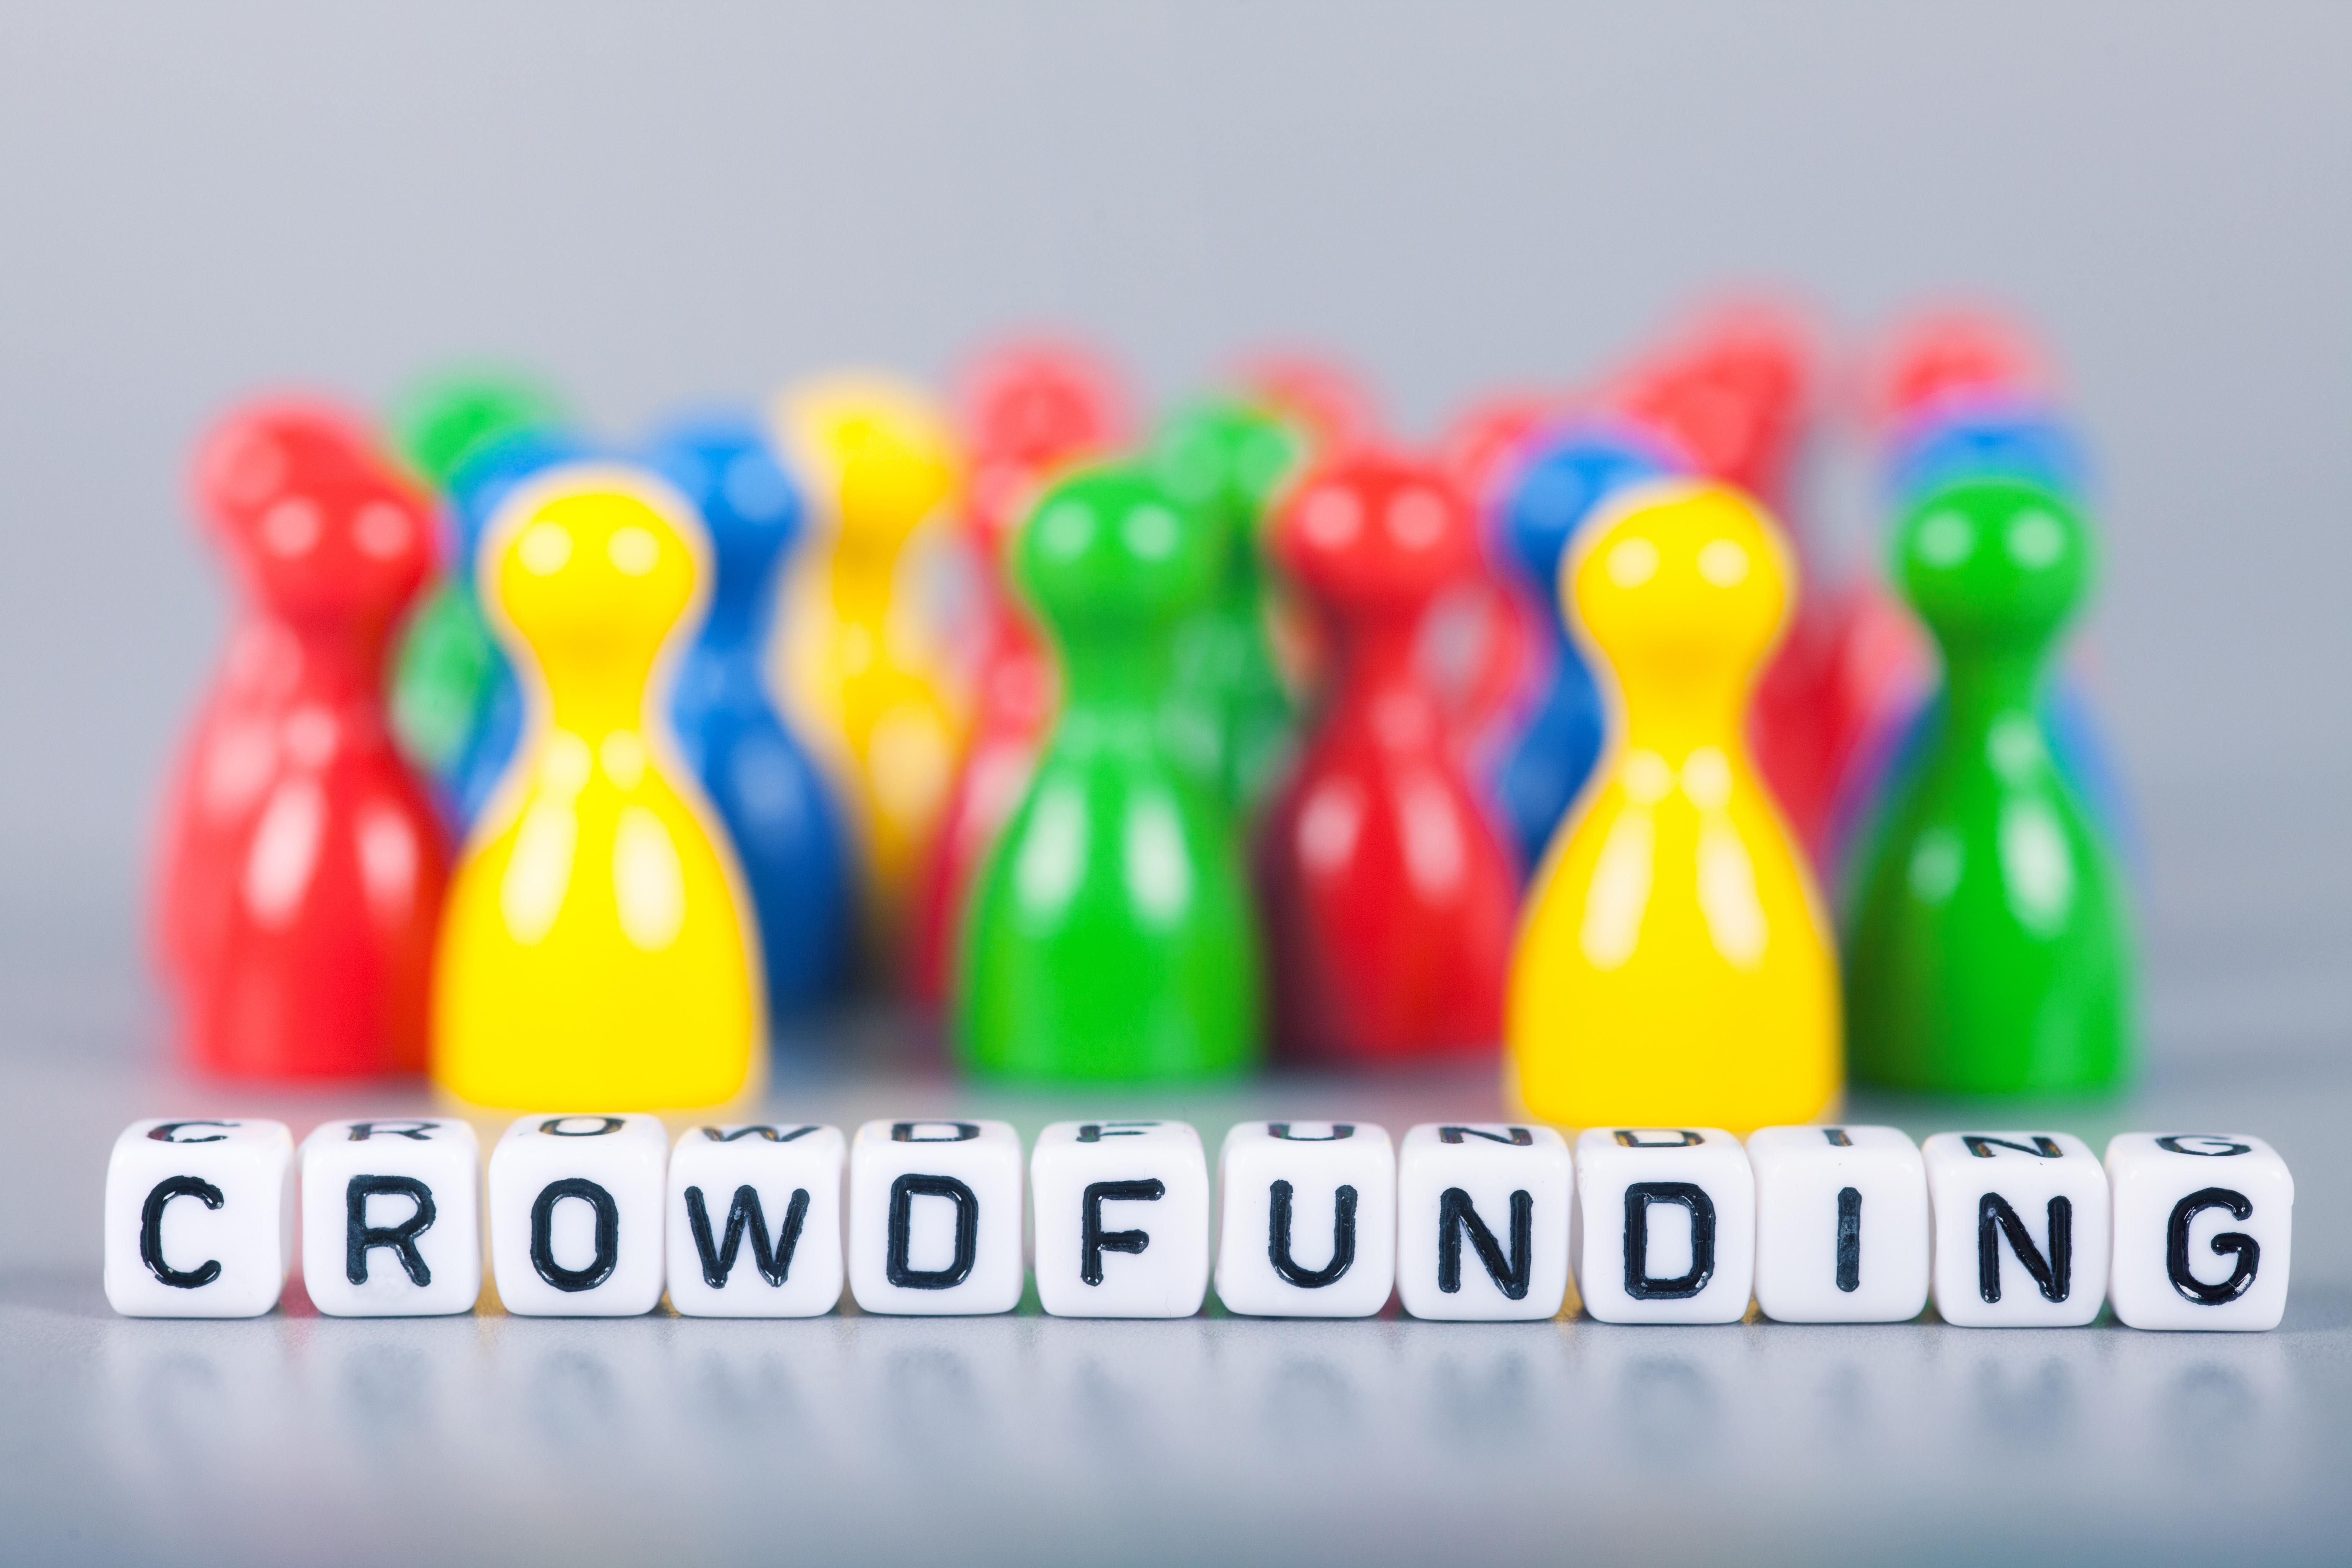 NPO法人の資金調達に「クラウドファンディング」を活用しよう